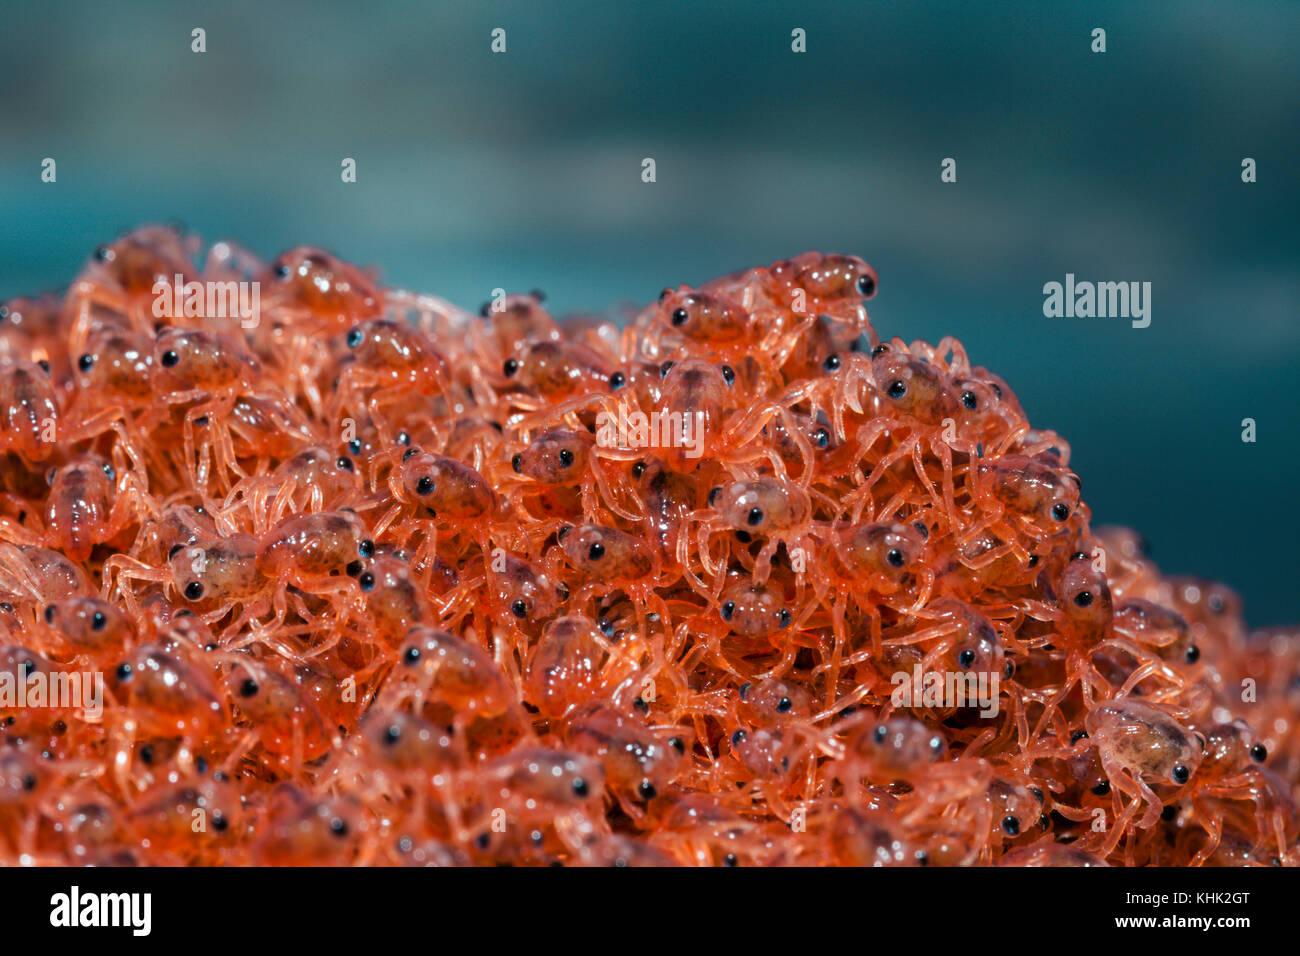 Kinder Krabben wieder an Land, Gecarcoidea natalis, Christmas Island, Australien Stockbild